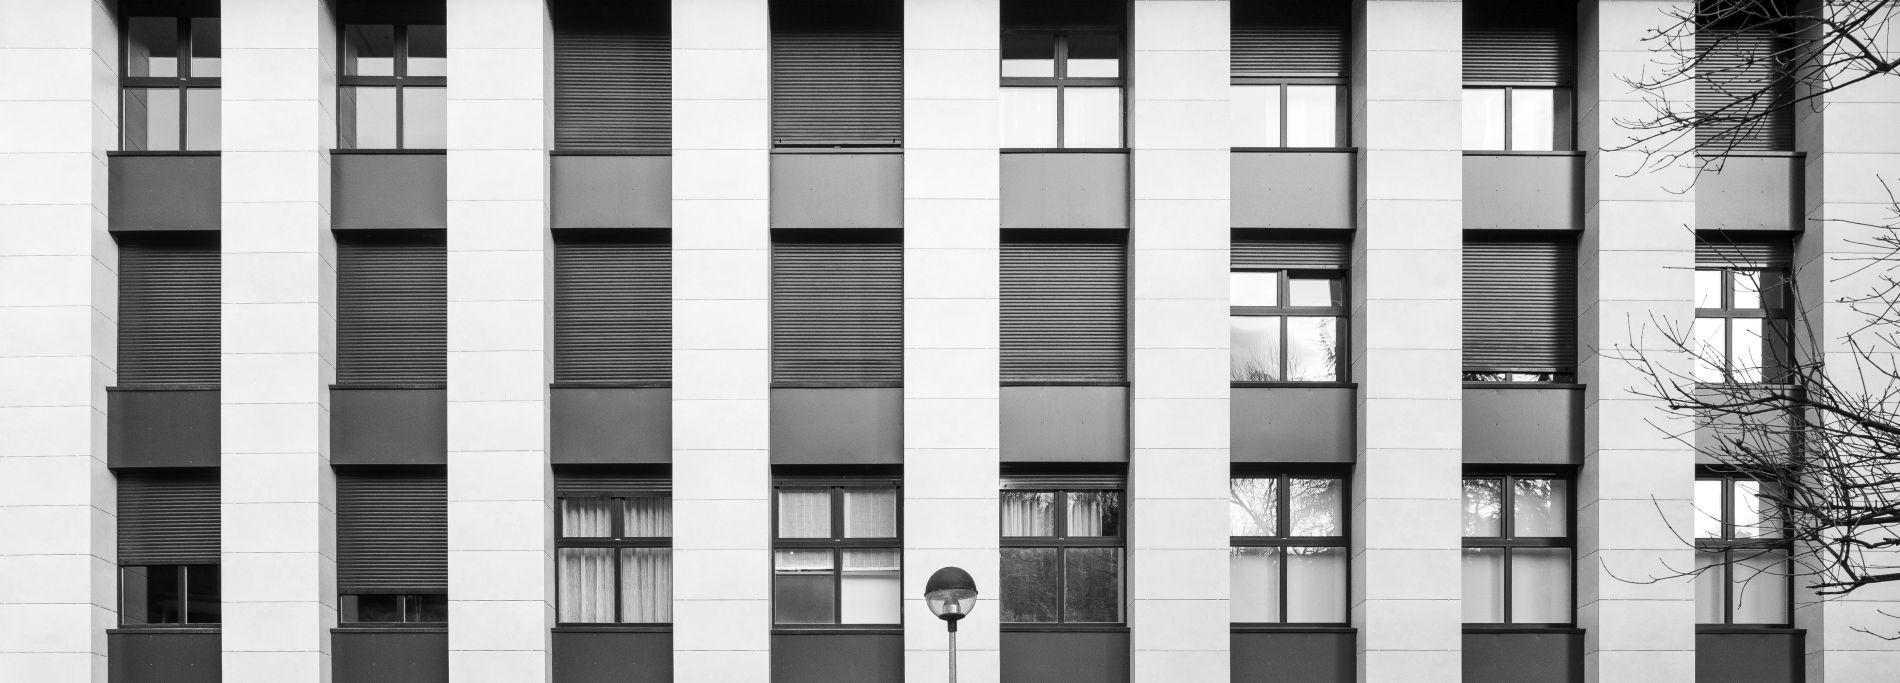 Fiark - 80 viviendas calle podavines 3